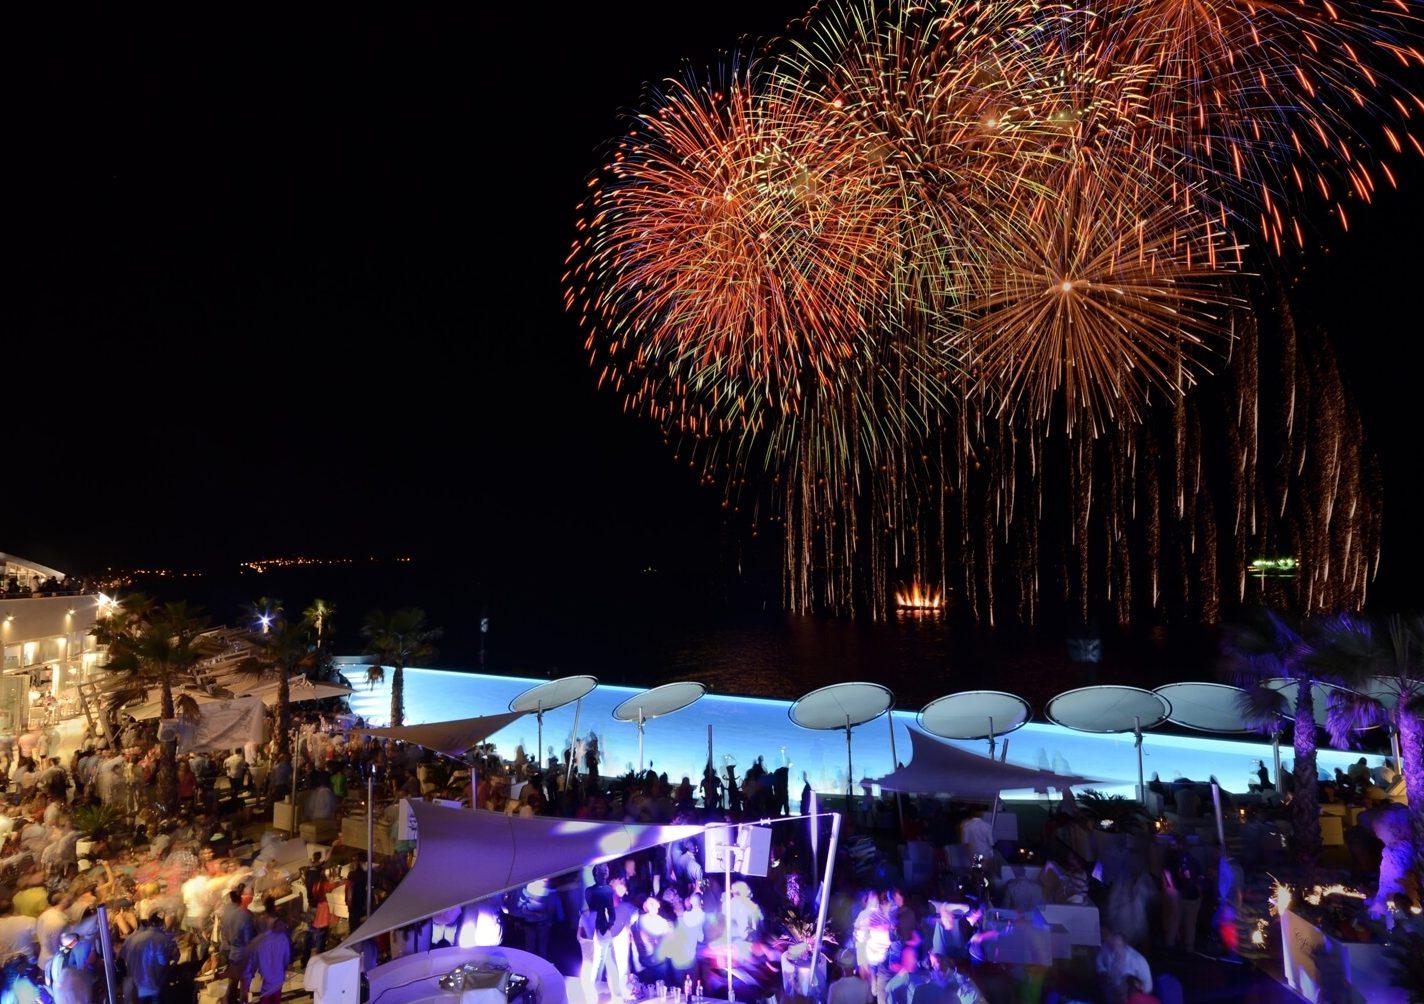 Cafe Der Mar Malta Fireworks